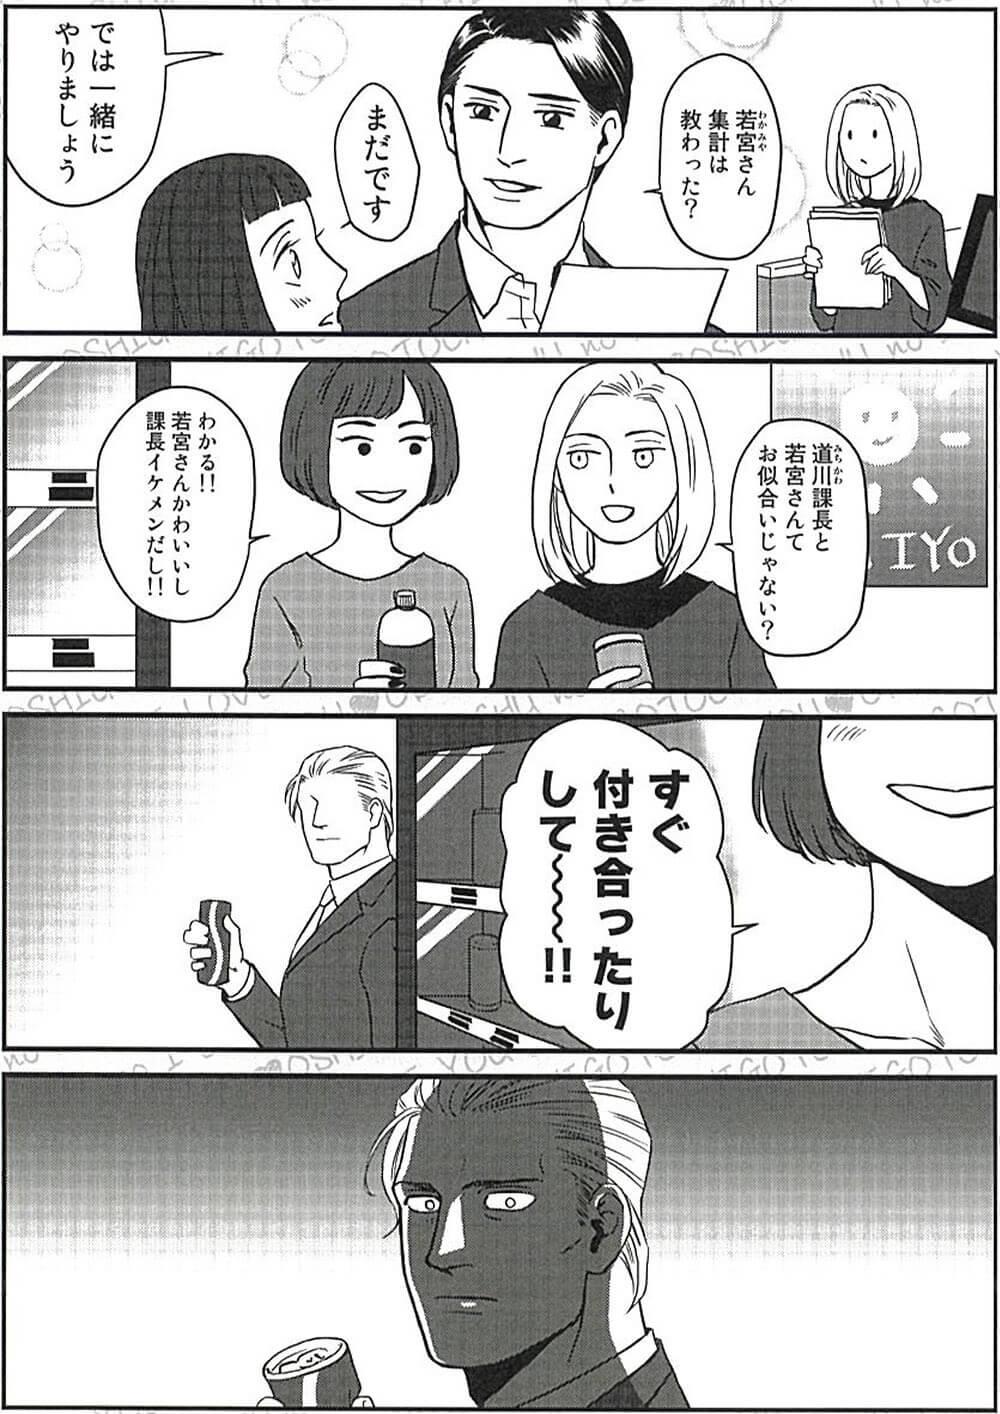 上司が新入社員に恋する漫画3-1